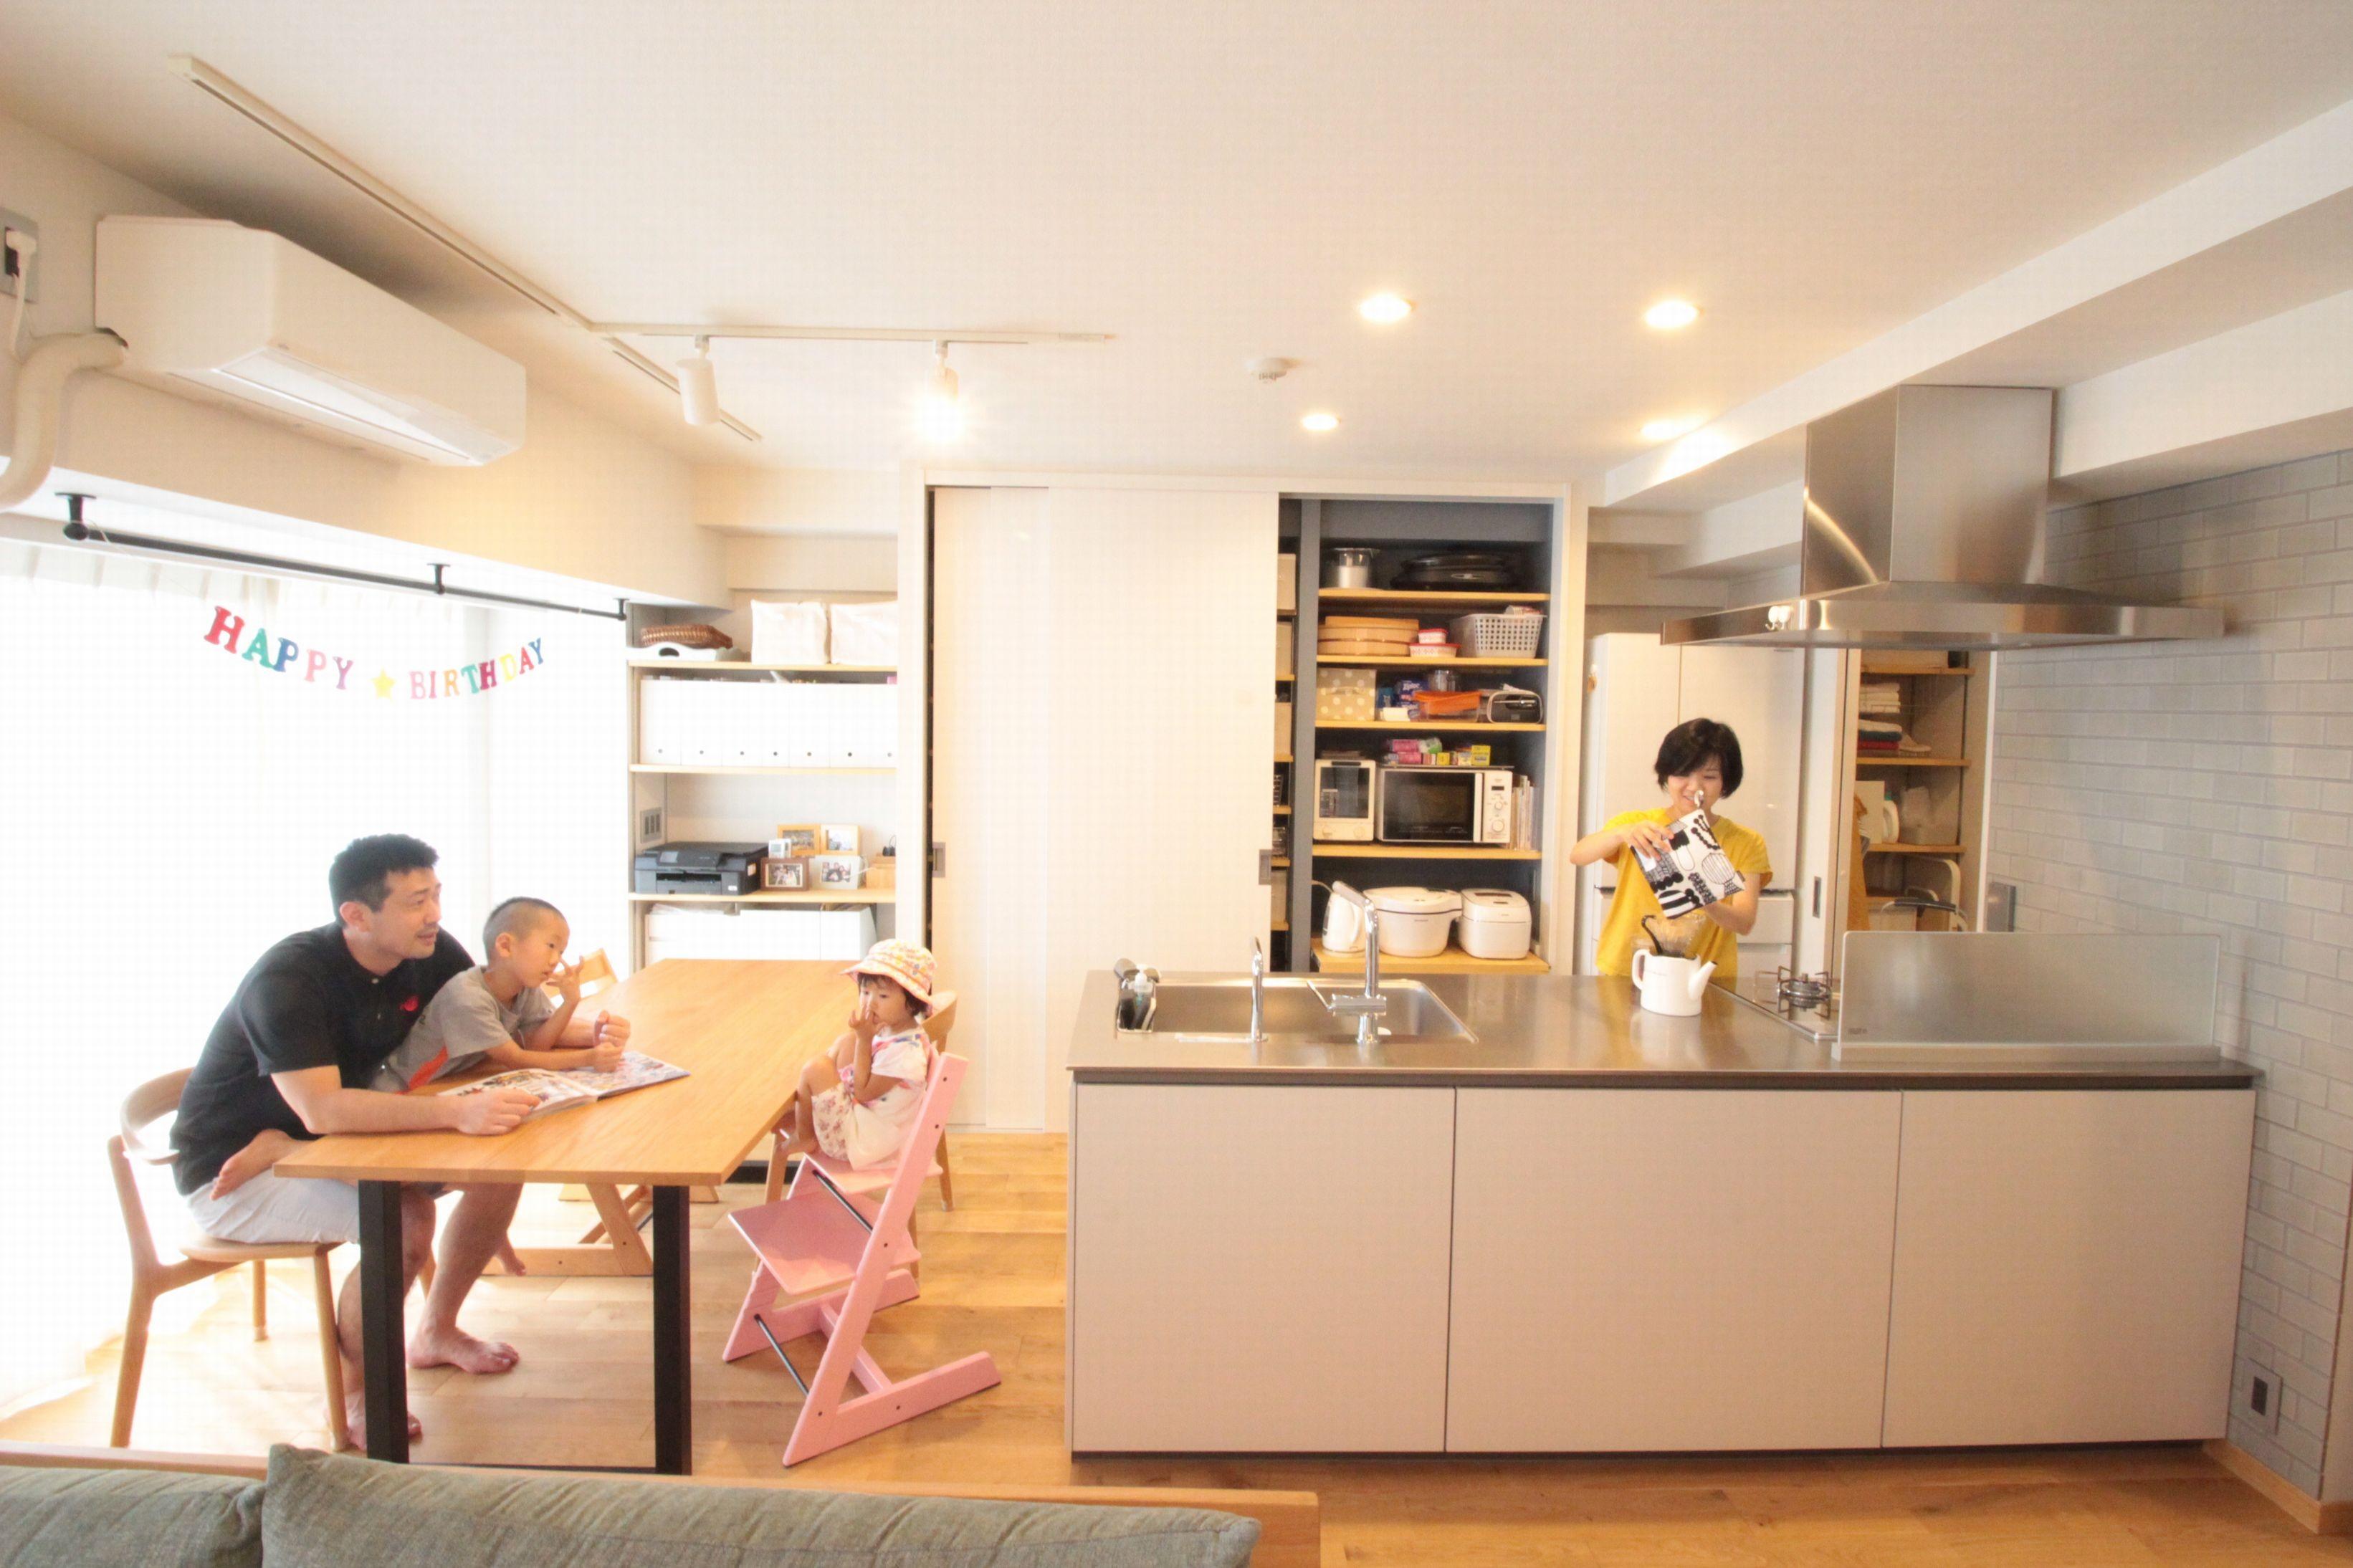 キッチン事例:LDKの主役キッチン(回遊性で家事ラク!開放感で子どもが喜ぶ間取りに!)